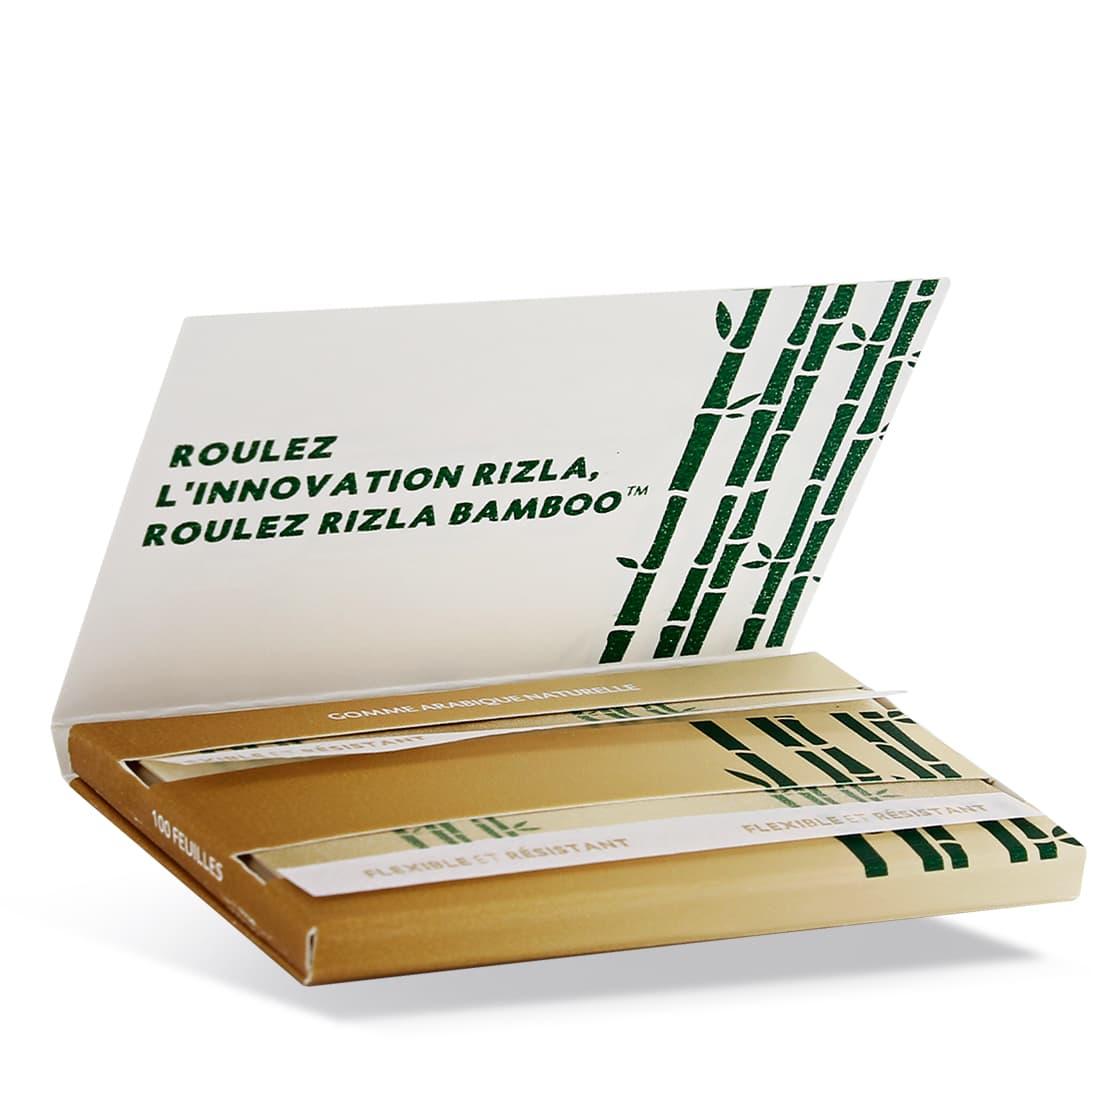 Photo #1 de Papier à rouler Rizla + Bamboo x 1